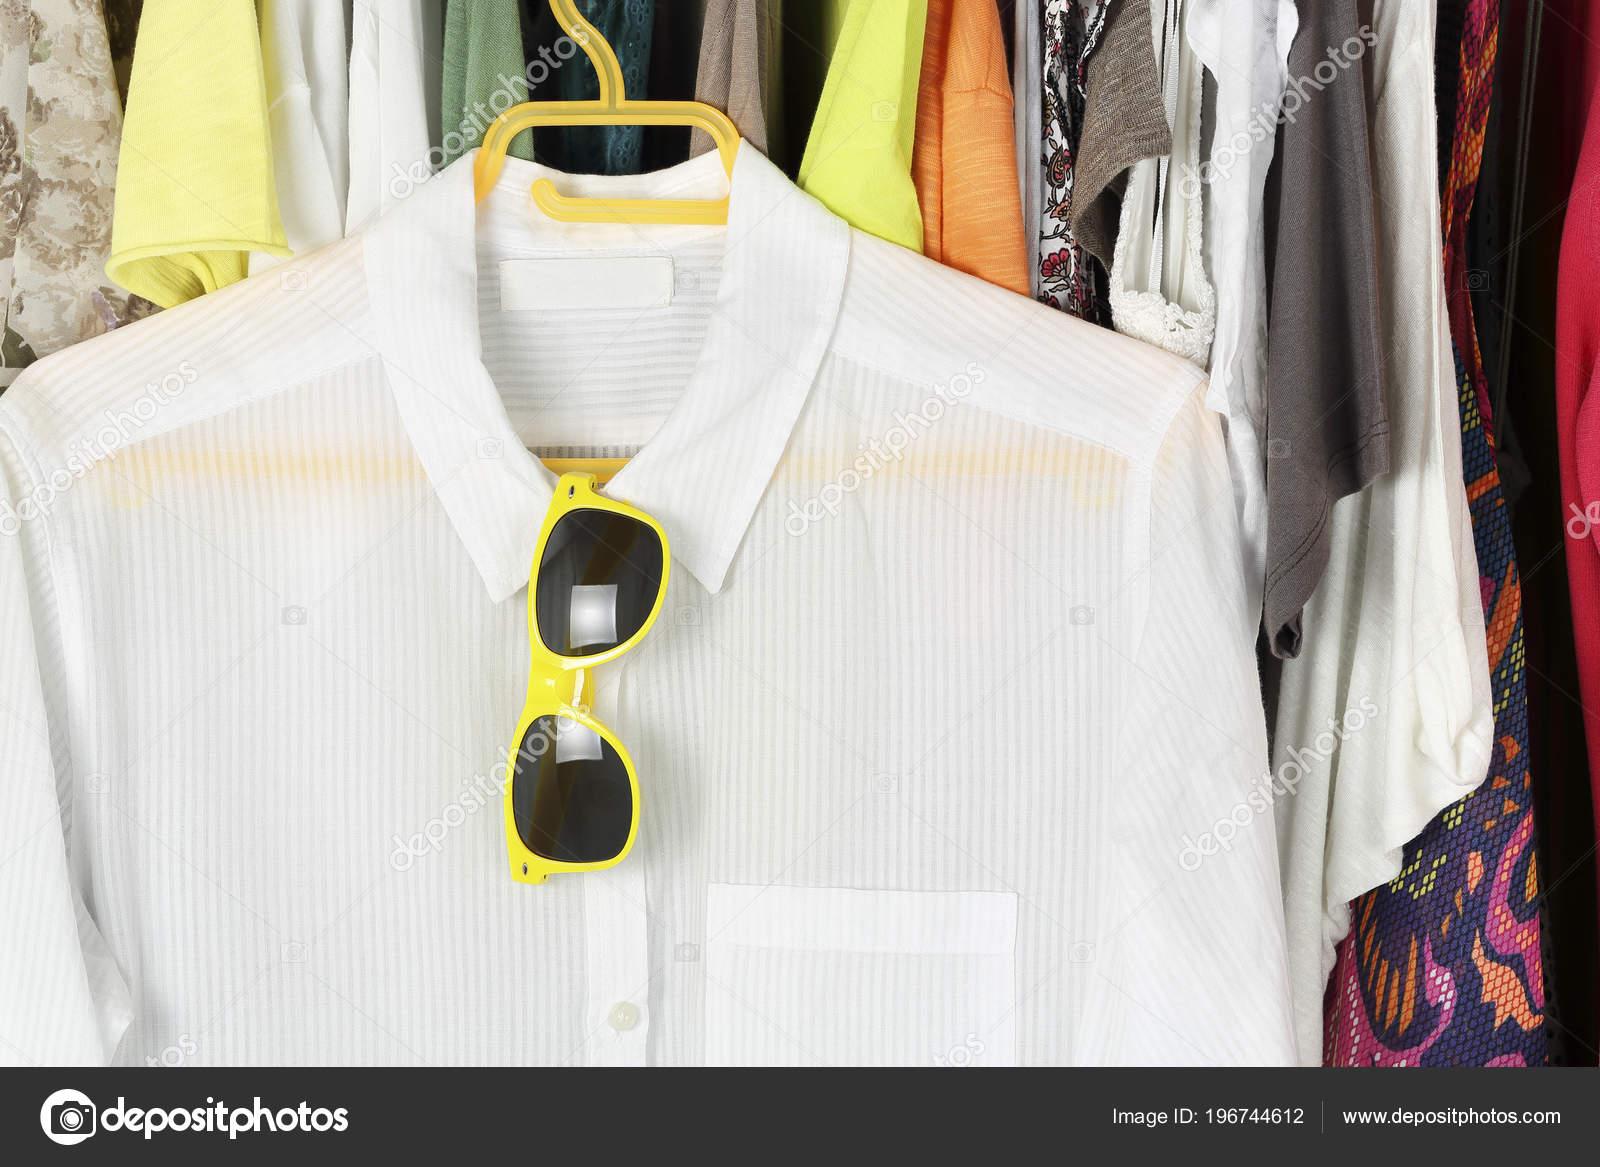 Λευκή Μπλούζα Γυαλιά Ηλίου Κρεμάστρα Μπροστά Από Άλλα Γυναικεία Ρούχα —  Φωτογραφία Αρχείου cfdfdd0bbed